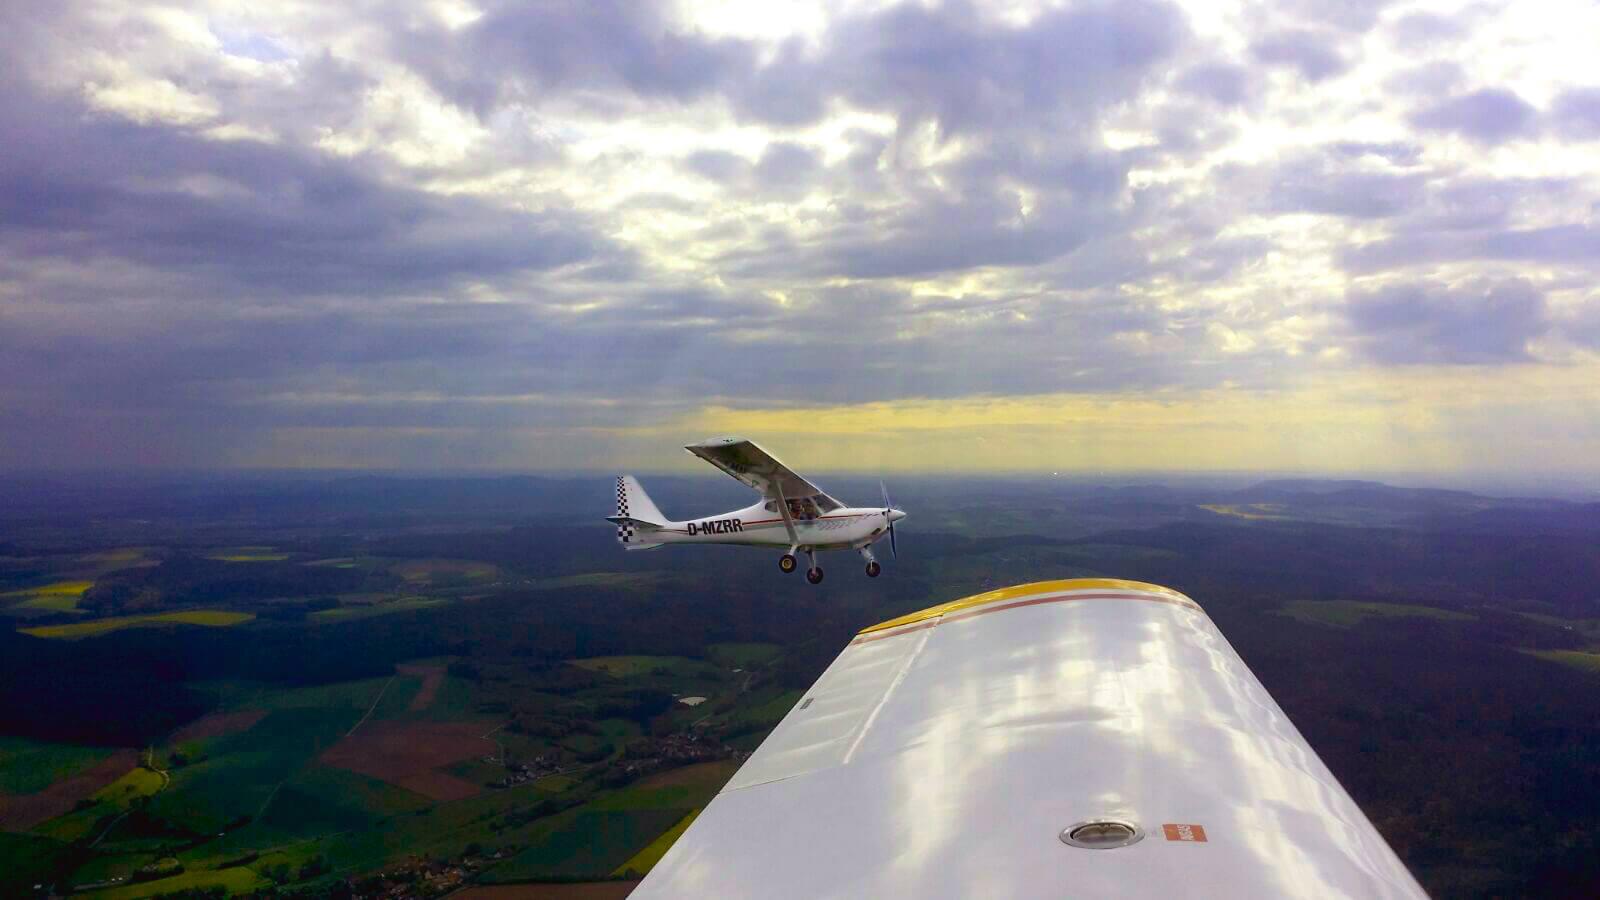 Unsere B&F FK9 D-MZRR aus der Luft von einer Sportavia-Pützer aus fotografiert.